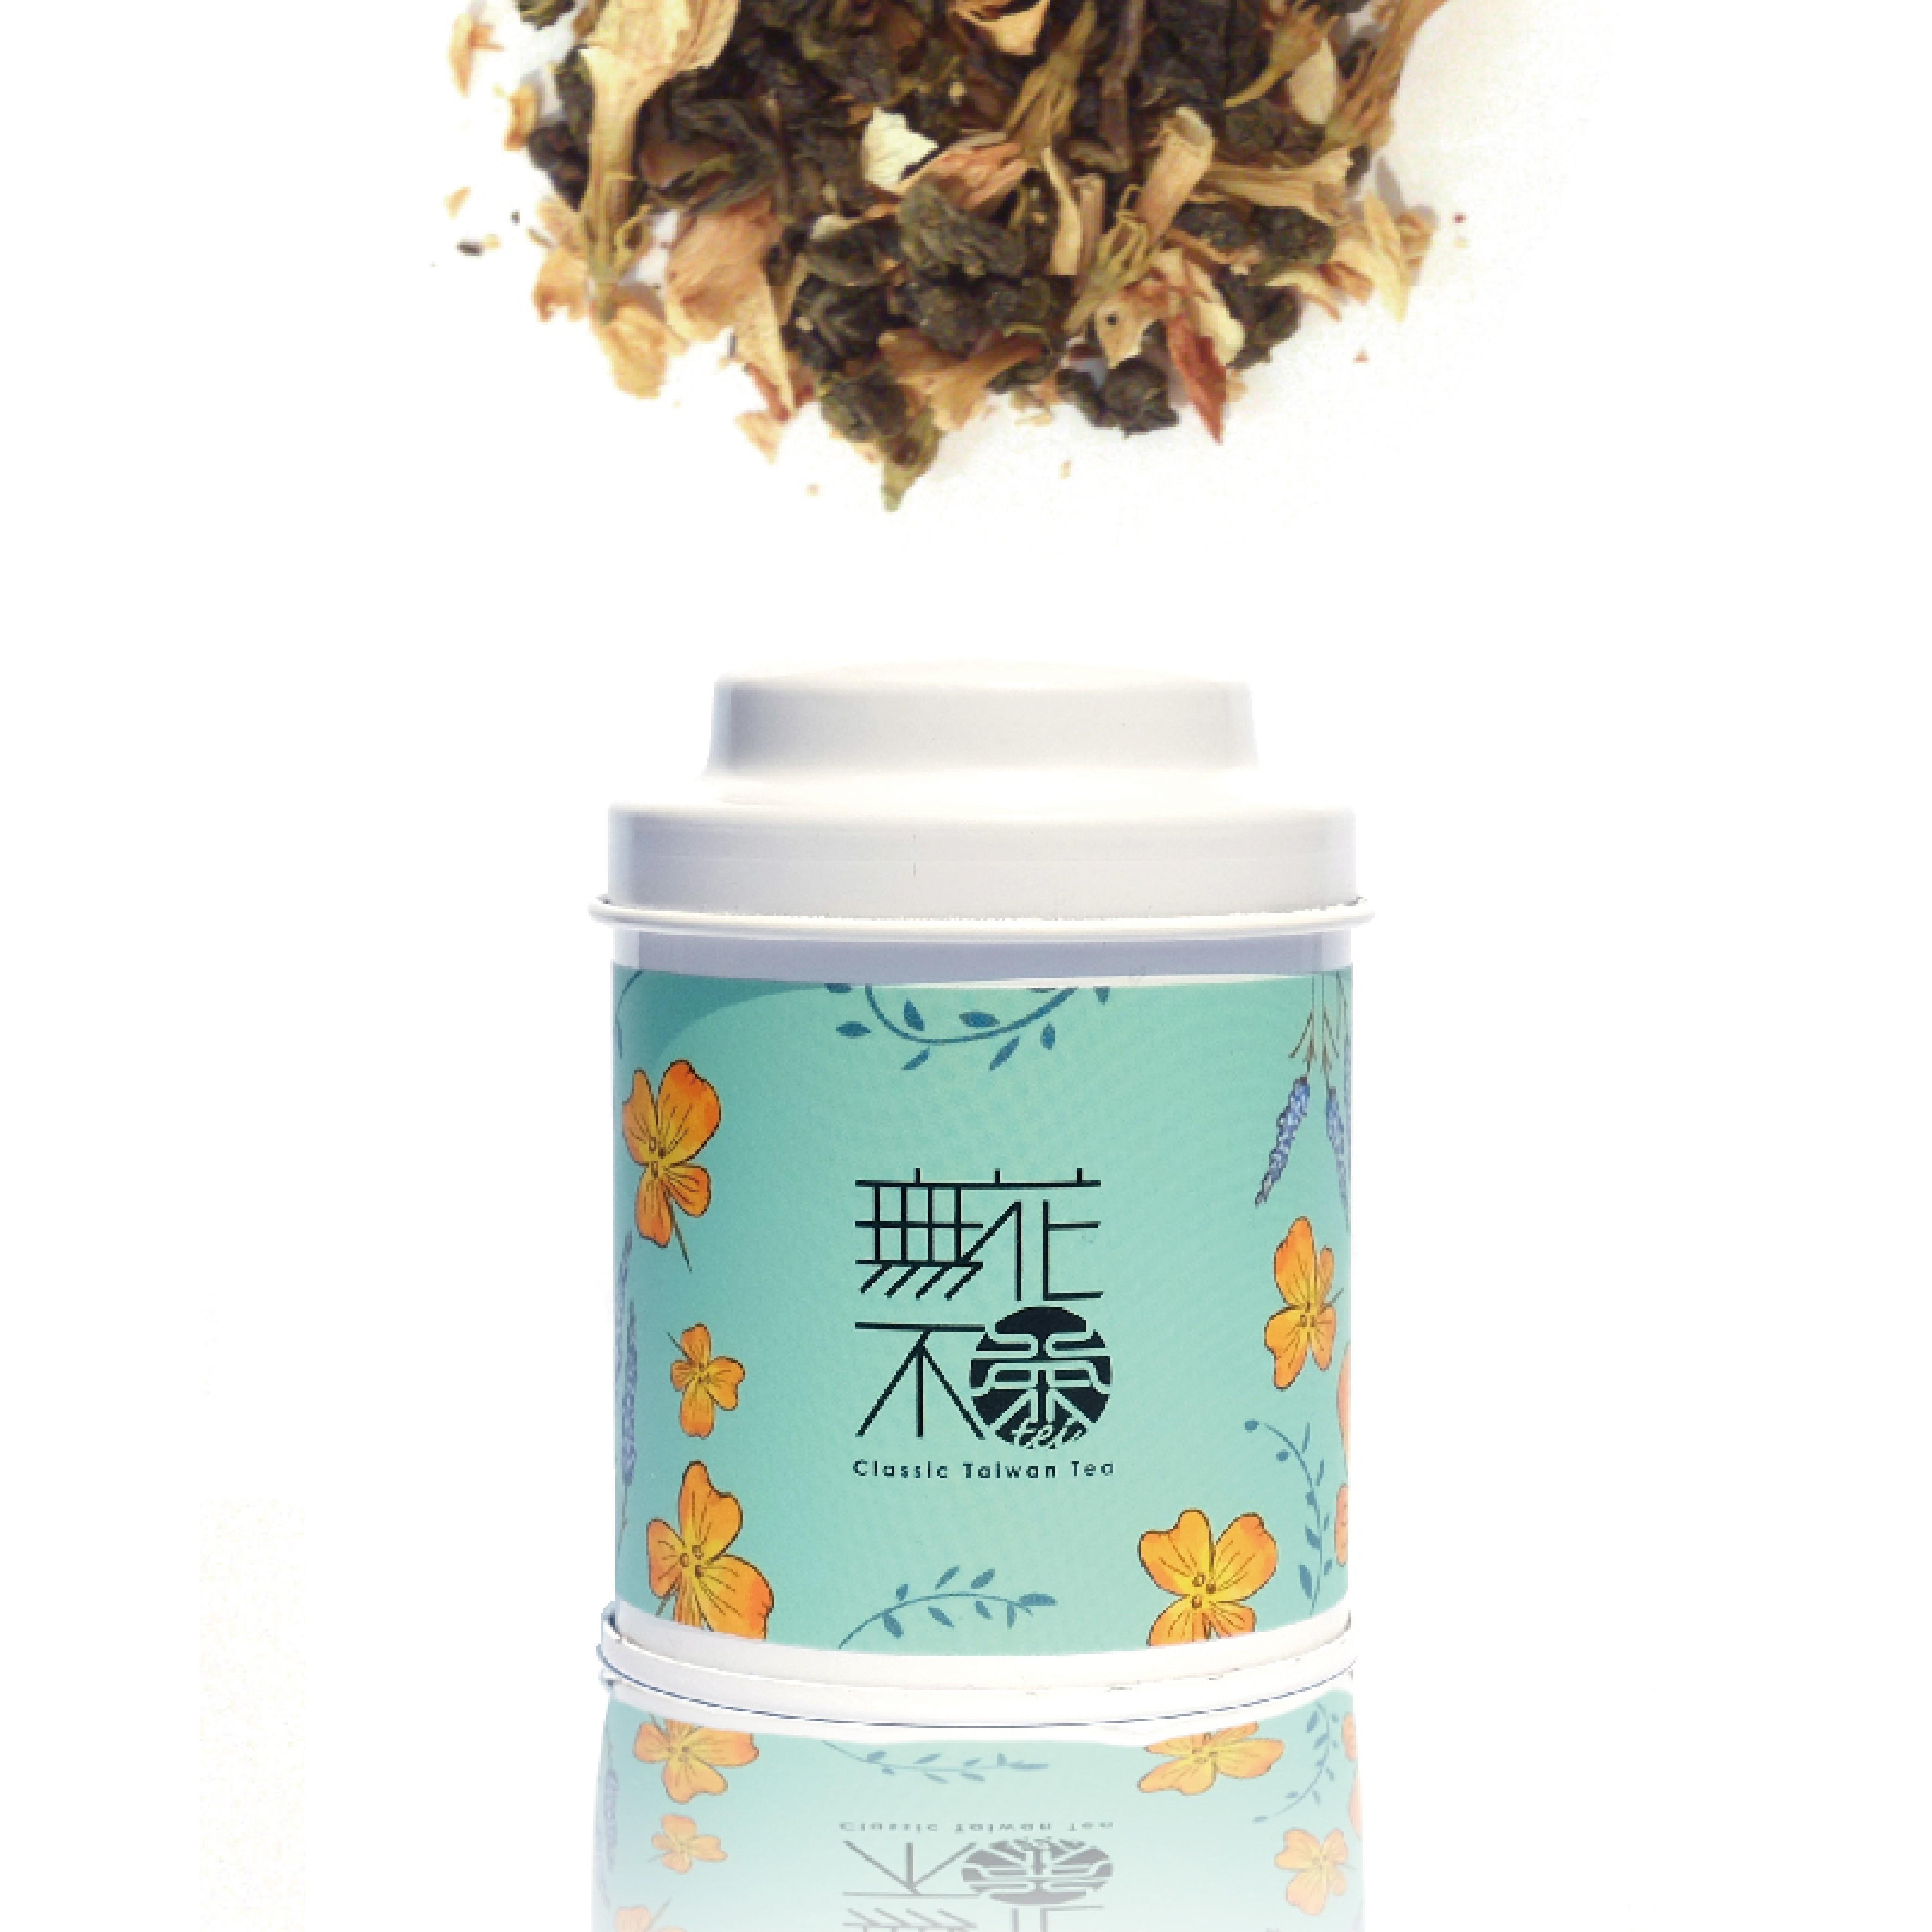 【無花不茶】經典原味茶—3g三角茶包*3入精緻罐裝